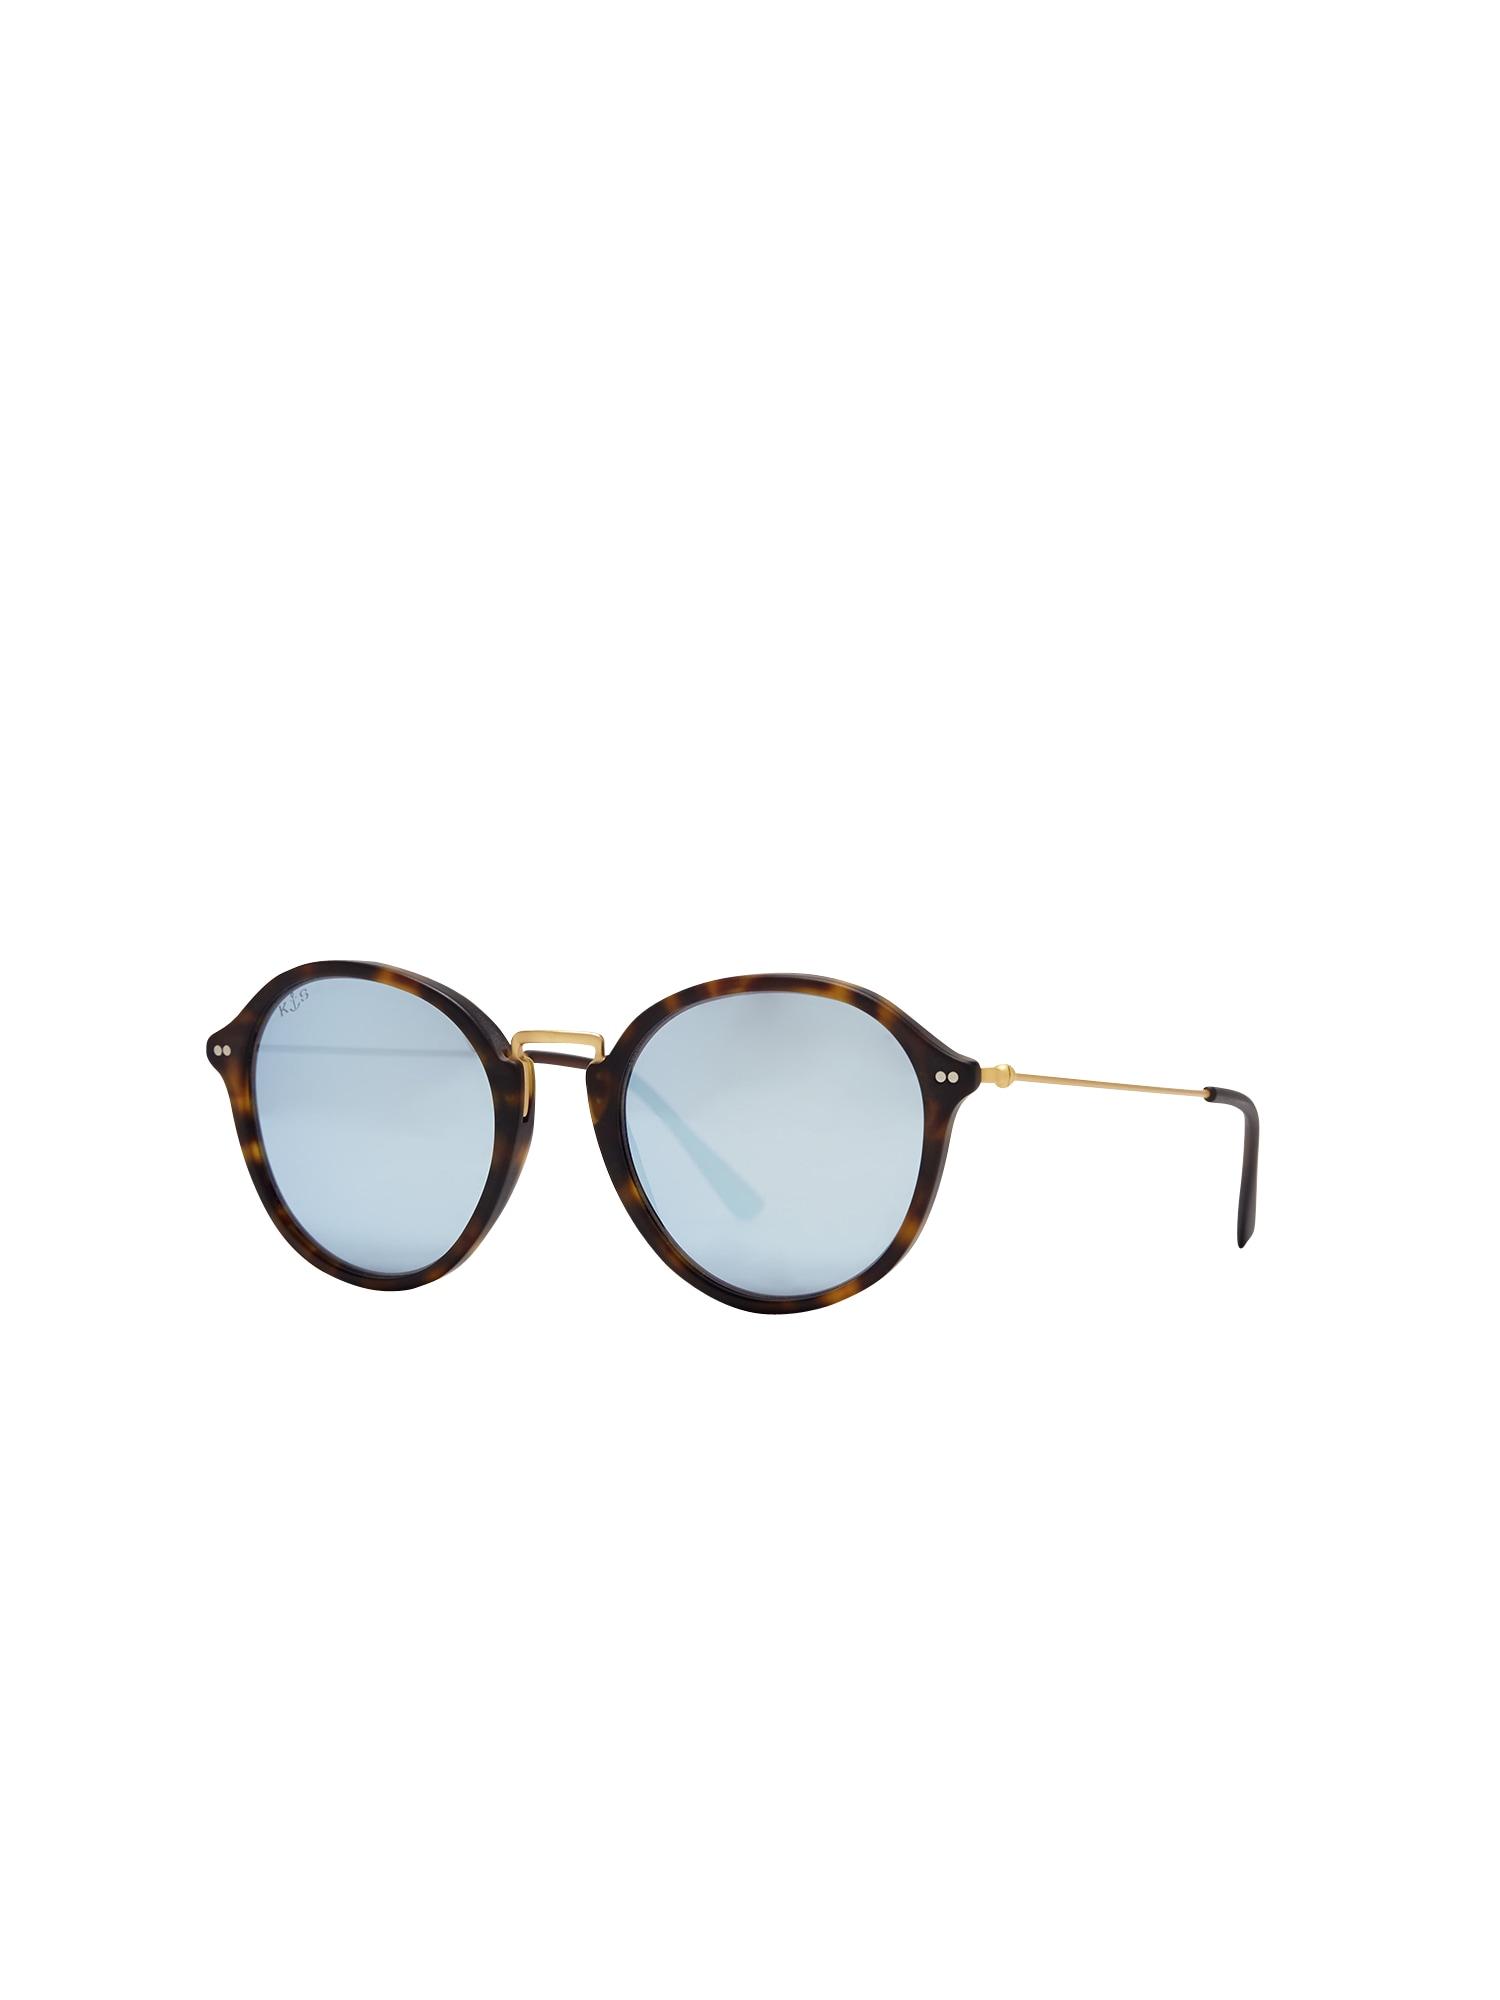 Sluneční brýle Maui modrá hnědá Kapten & Son